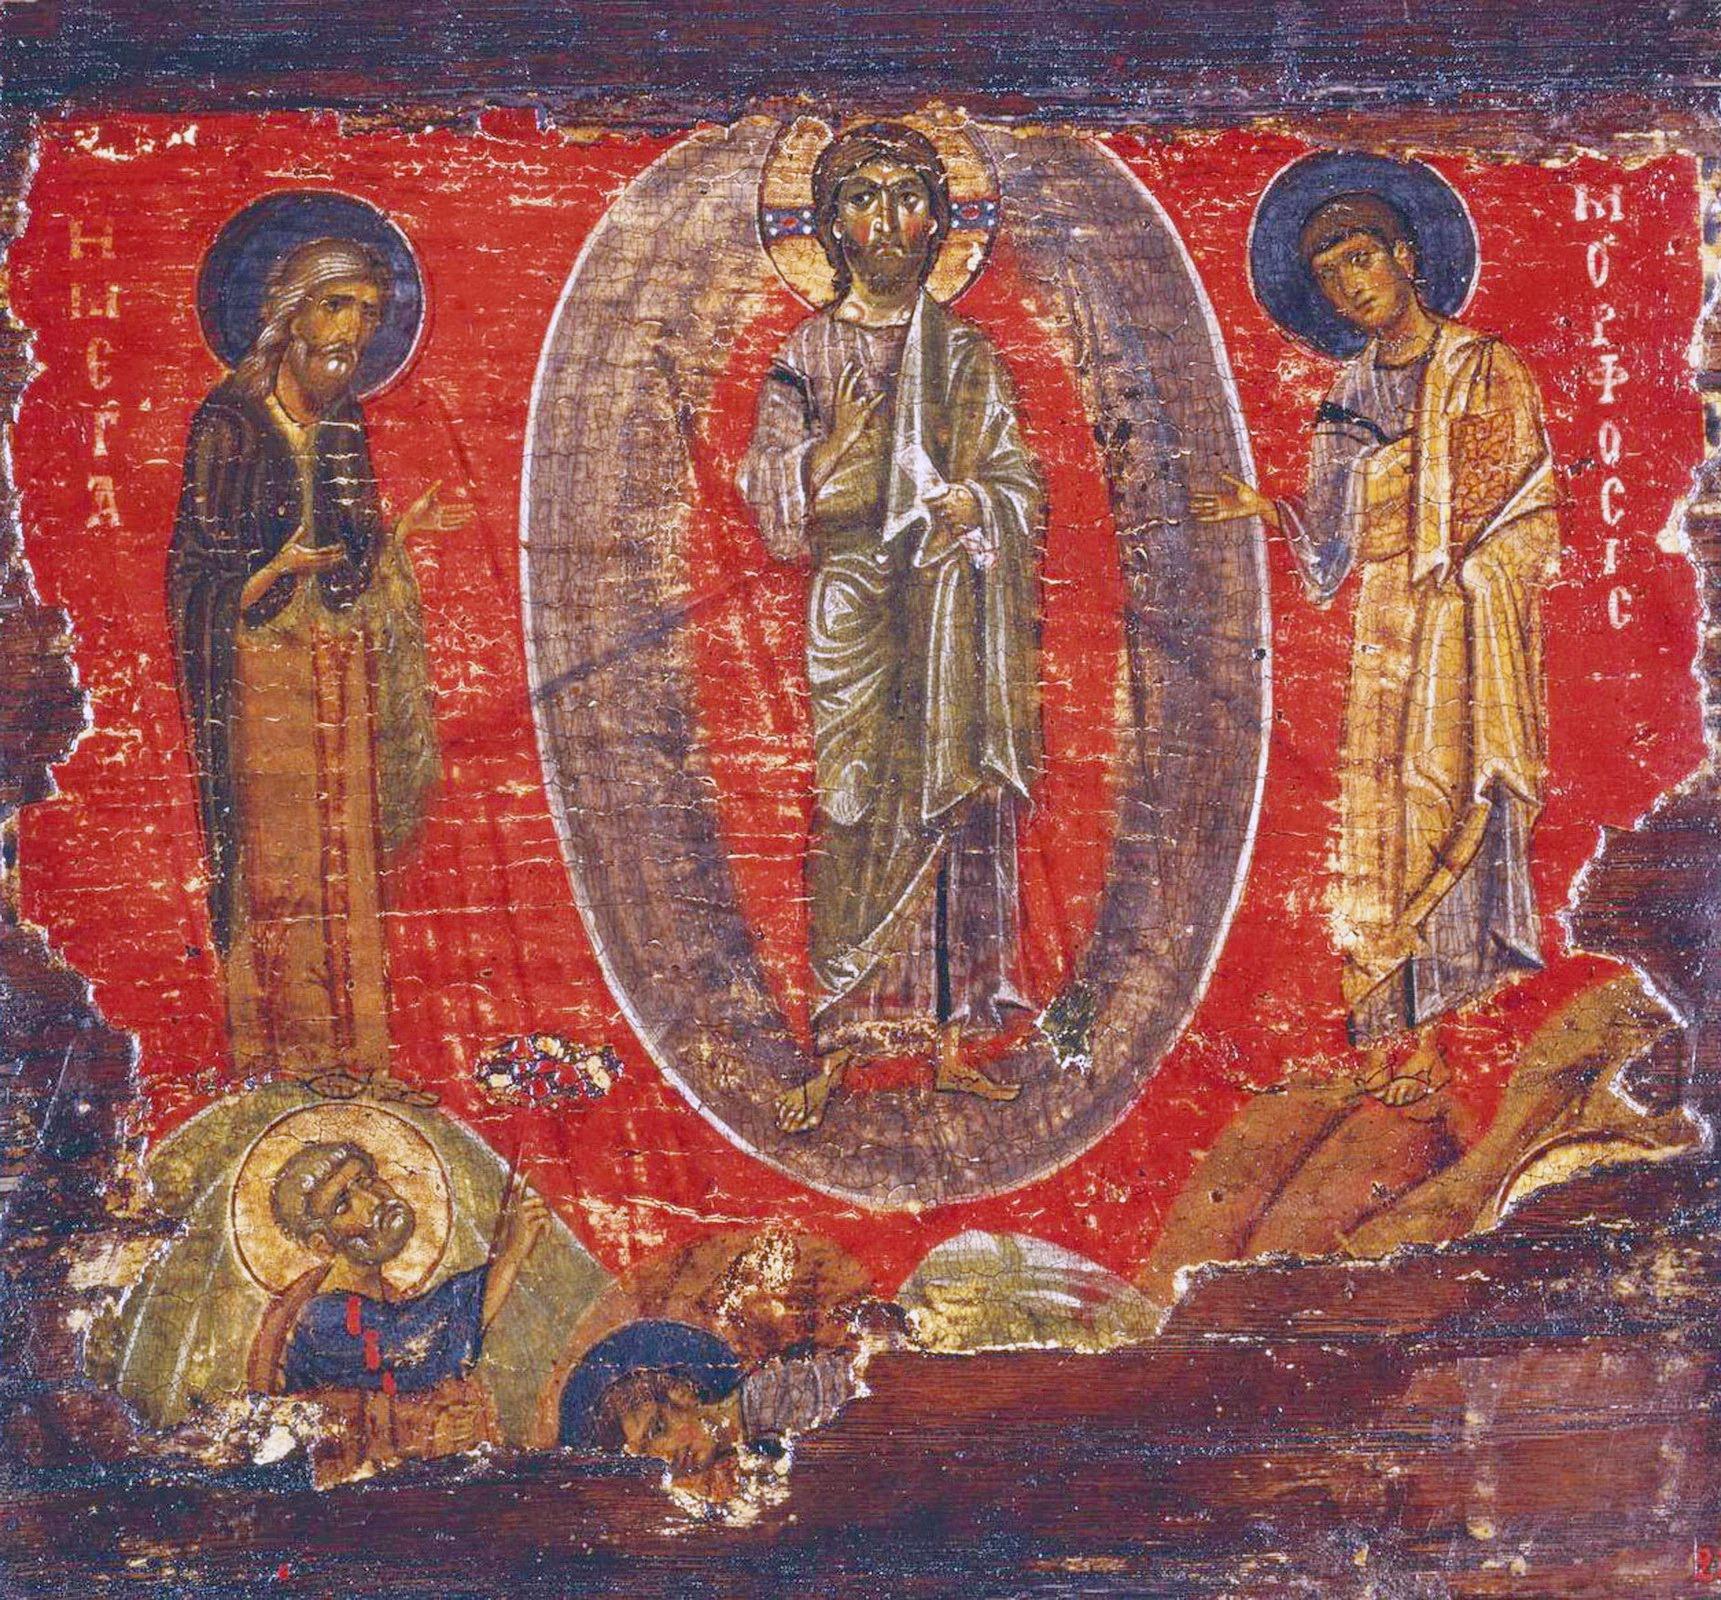 Преображение Господне. Икона. Византия, XII век. ГЭ.